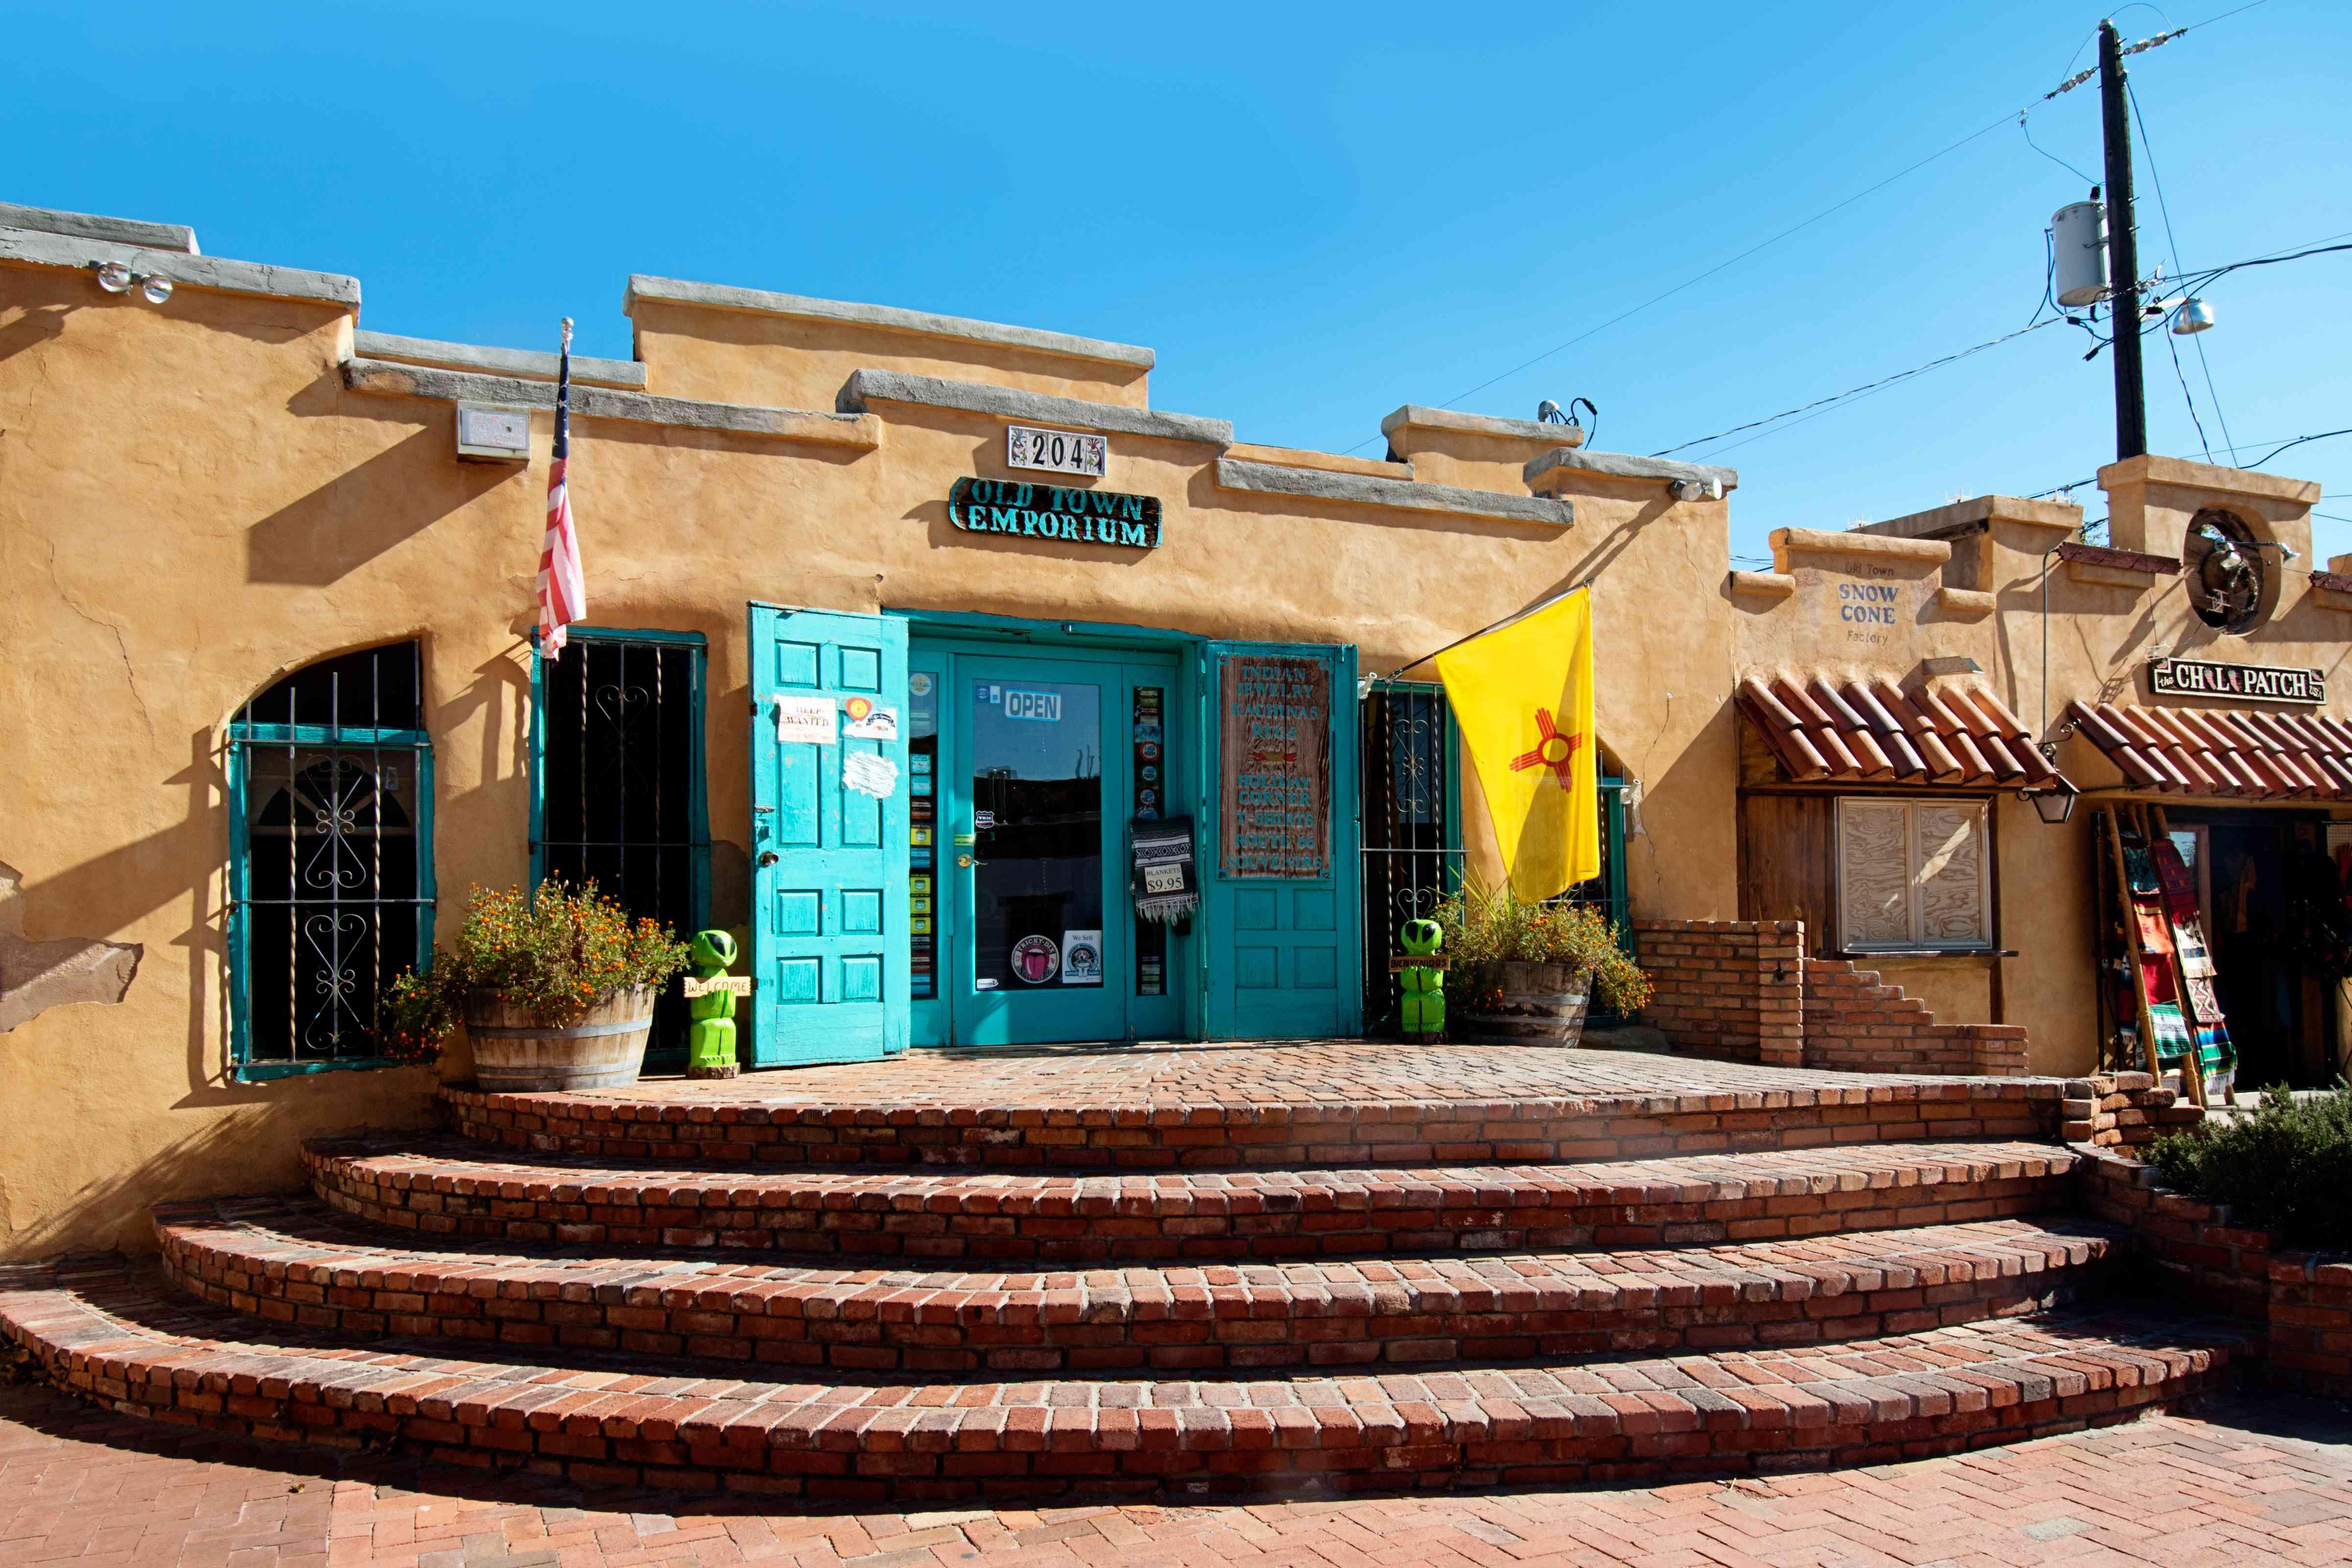 Tienda Emporium Old Town de Albuquerque con puertas y ventanas pintadas de turquesa